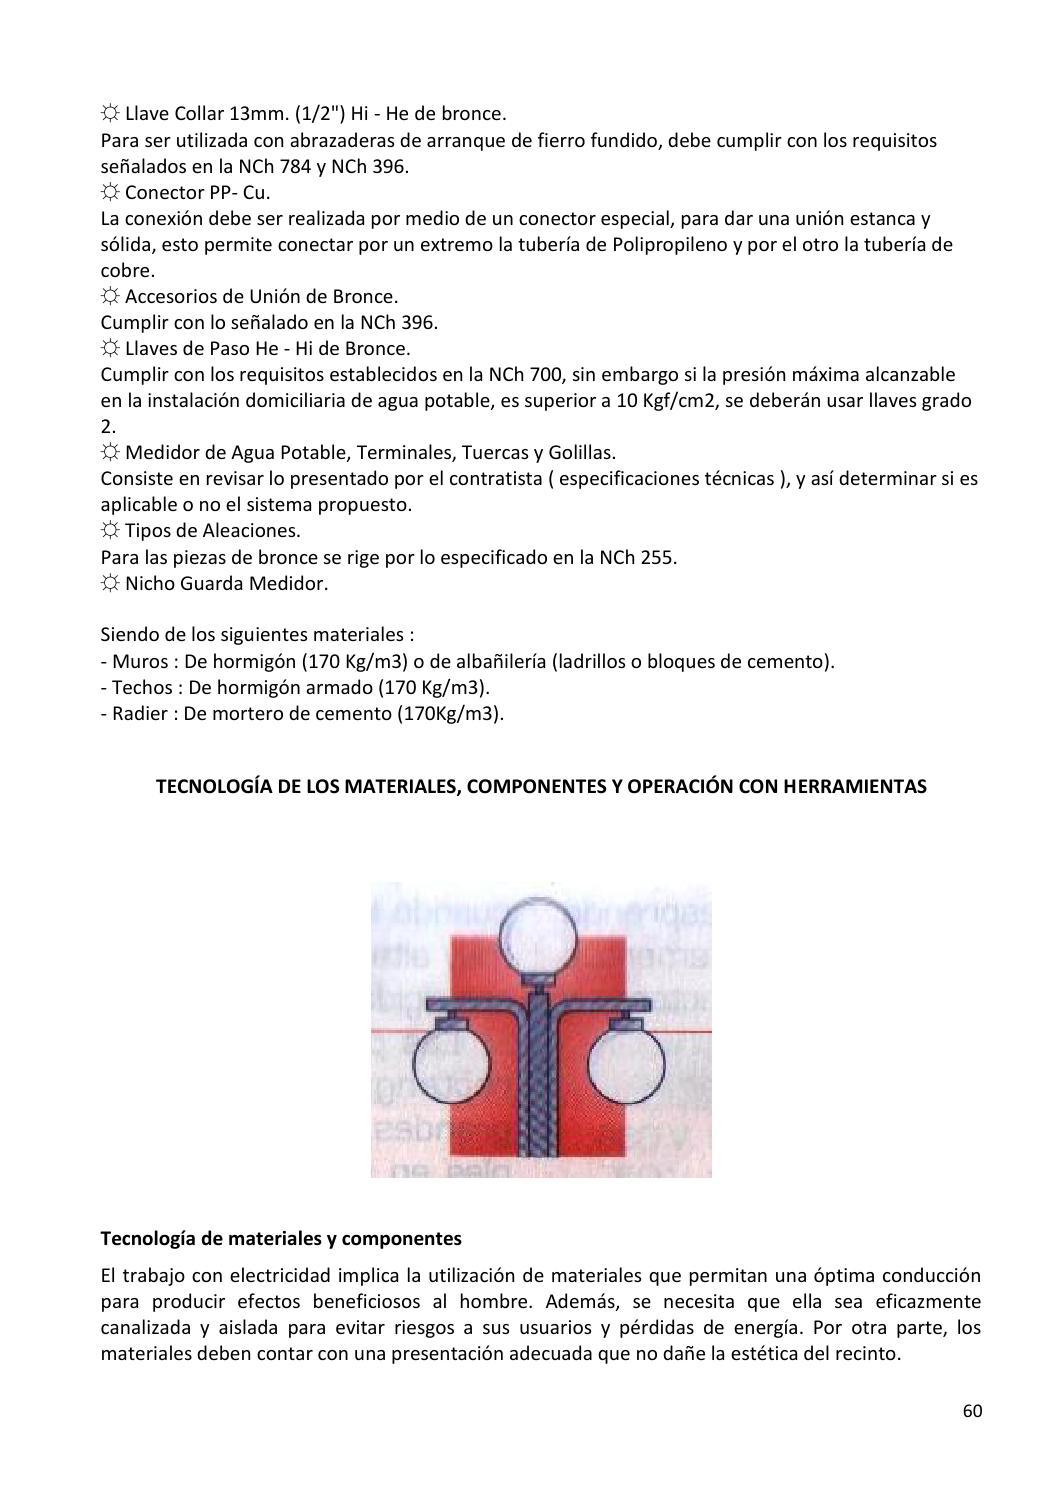 Manual practico de materiales de construcción by Instituto Técnico ...